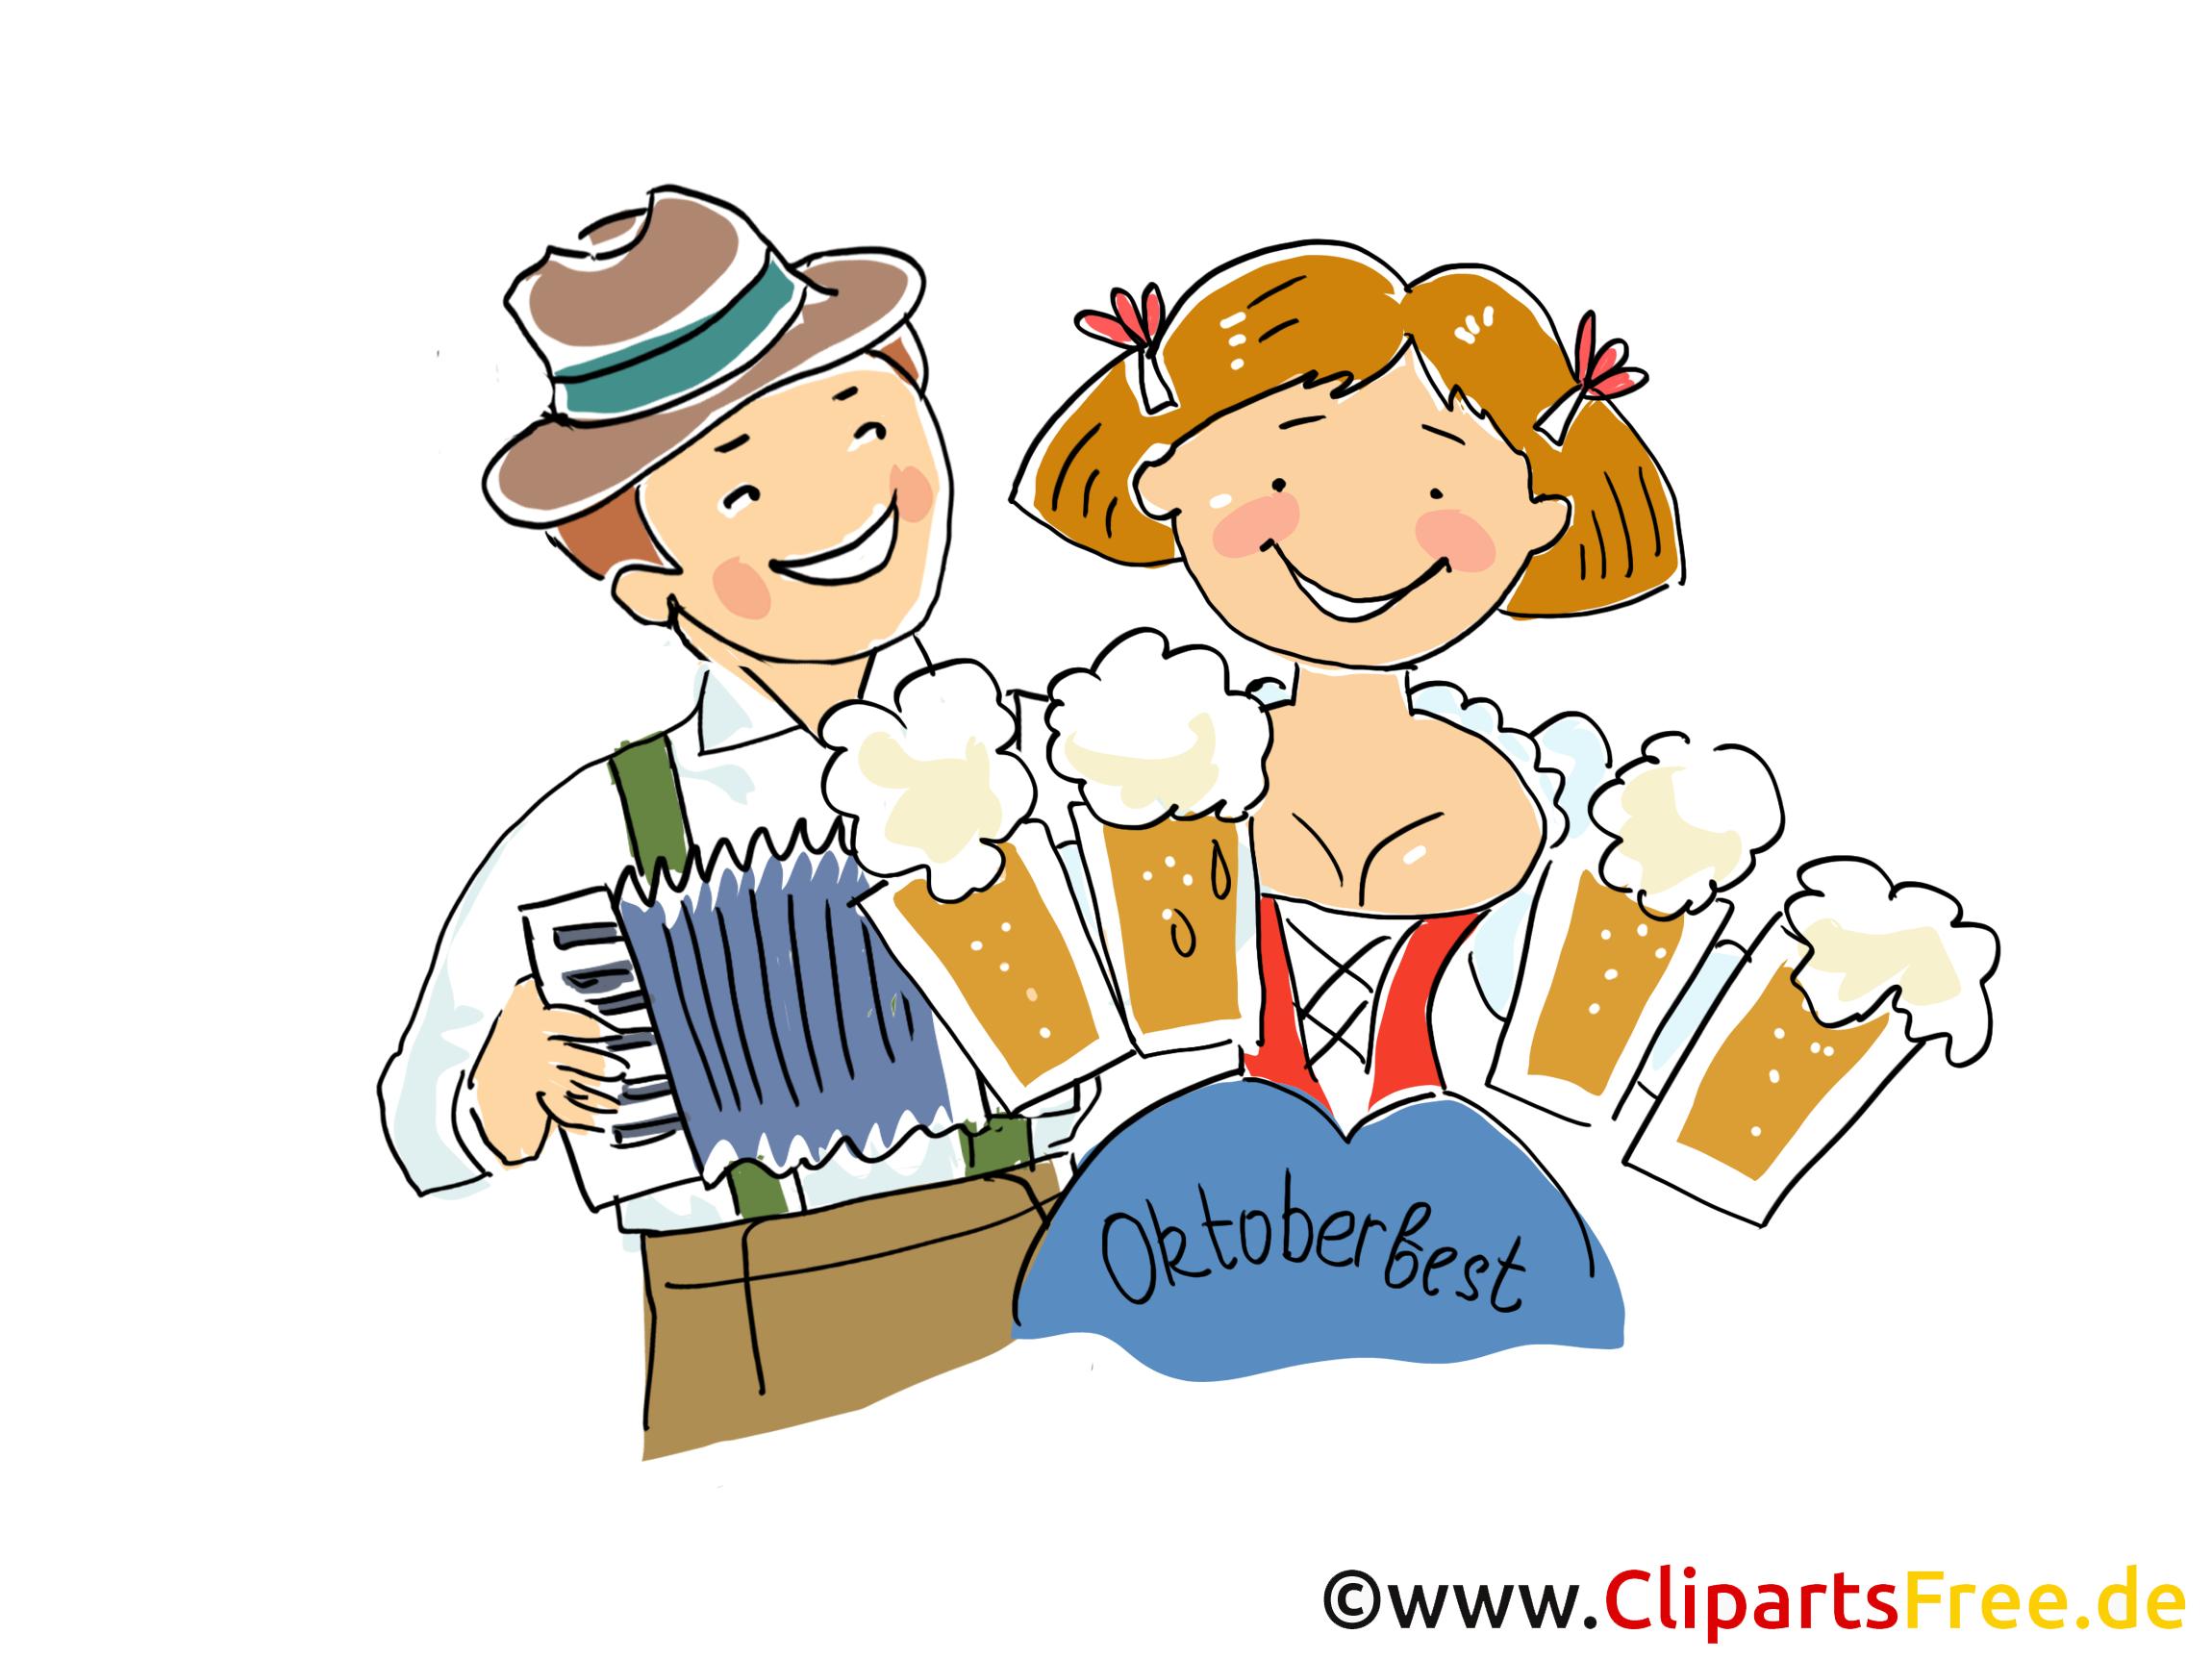 Oktoberfest festivali Clipart, resim, grafik, illüstrasyon, komik, çizgi film ücretsiz